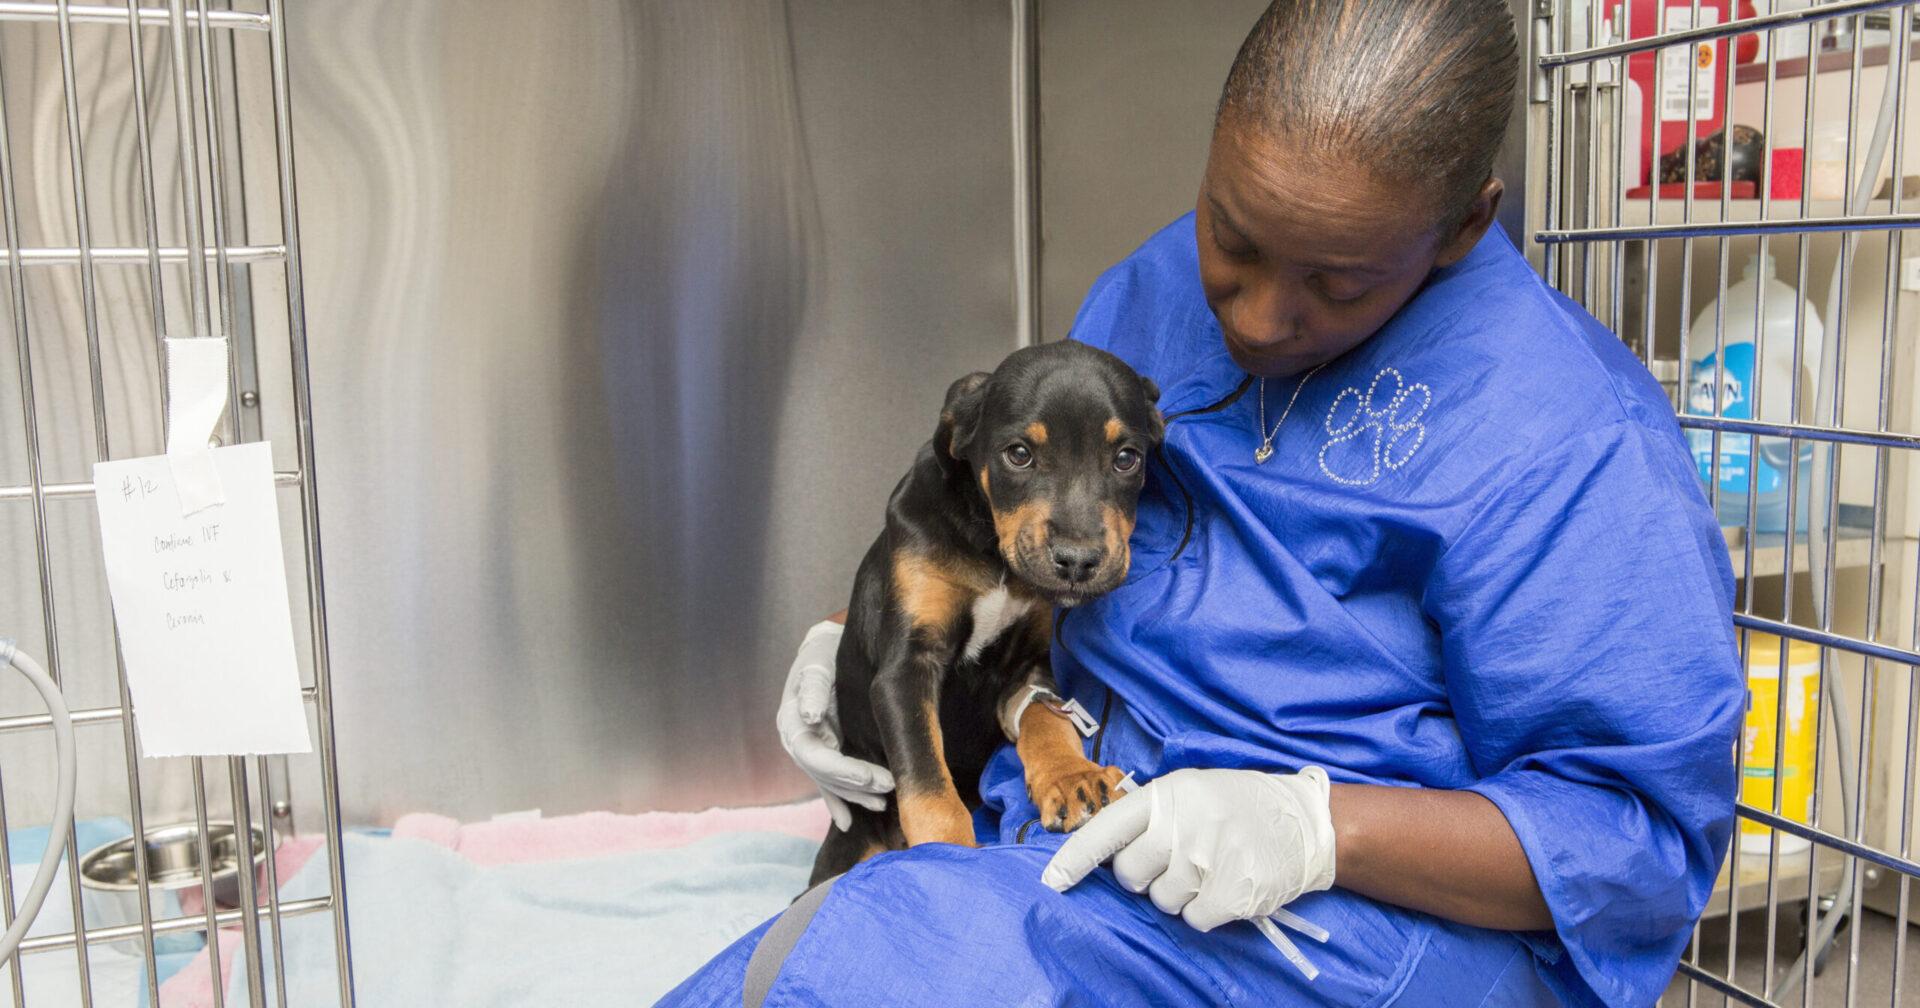 rotweiller puppy receiving treatment from vet